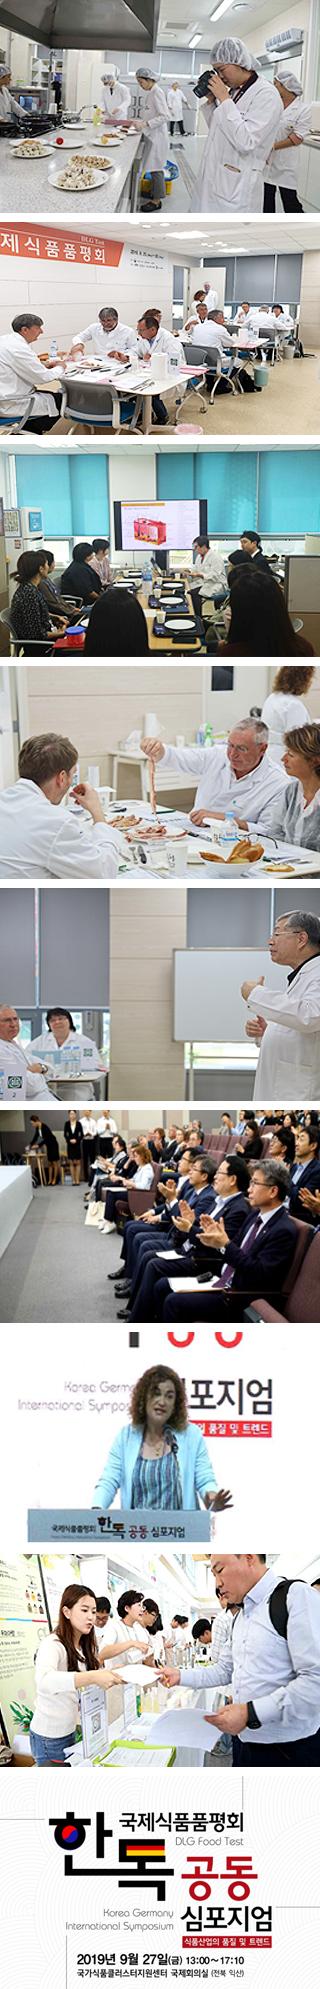 DLG国際食品品評会及び韓独共同シンポジウムイメージ2